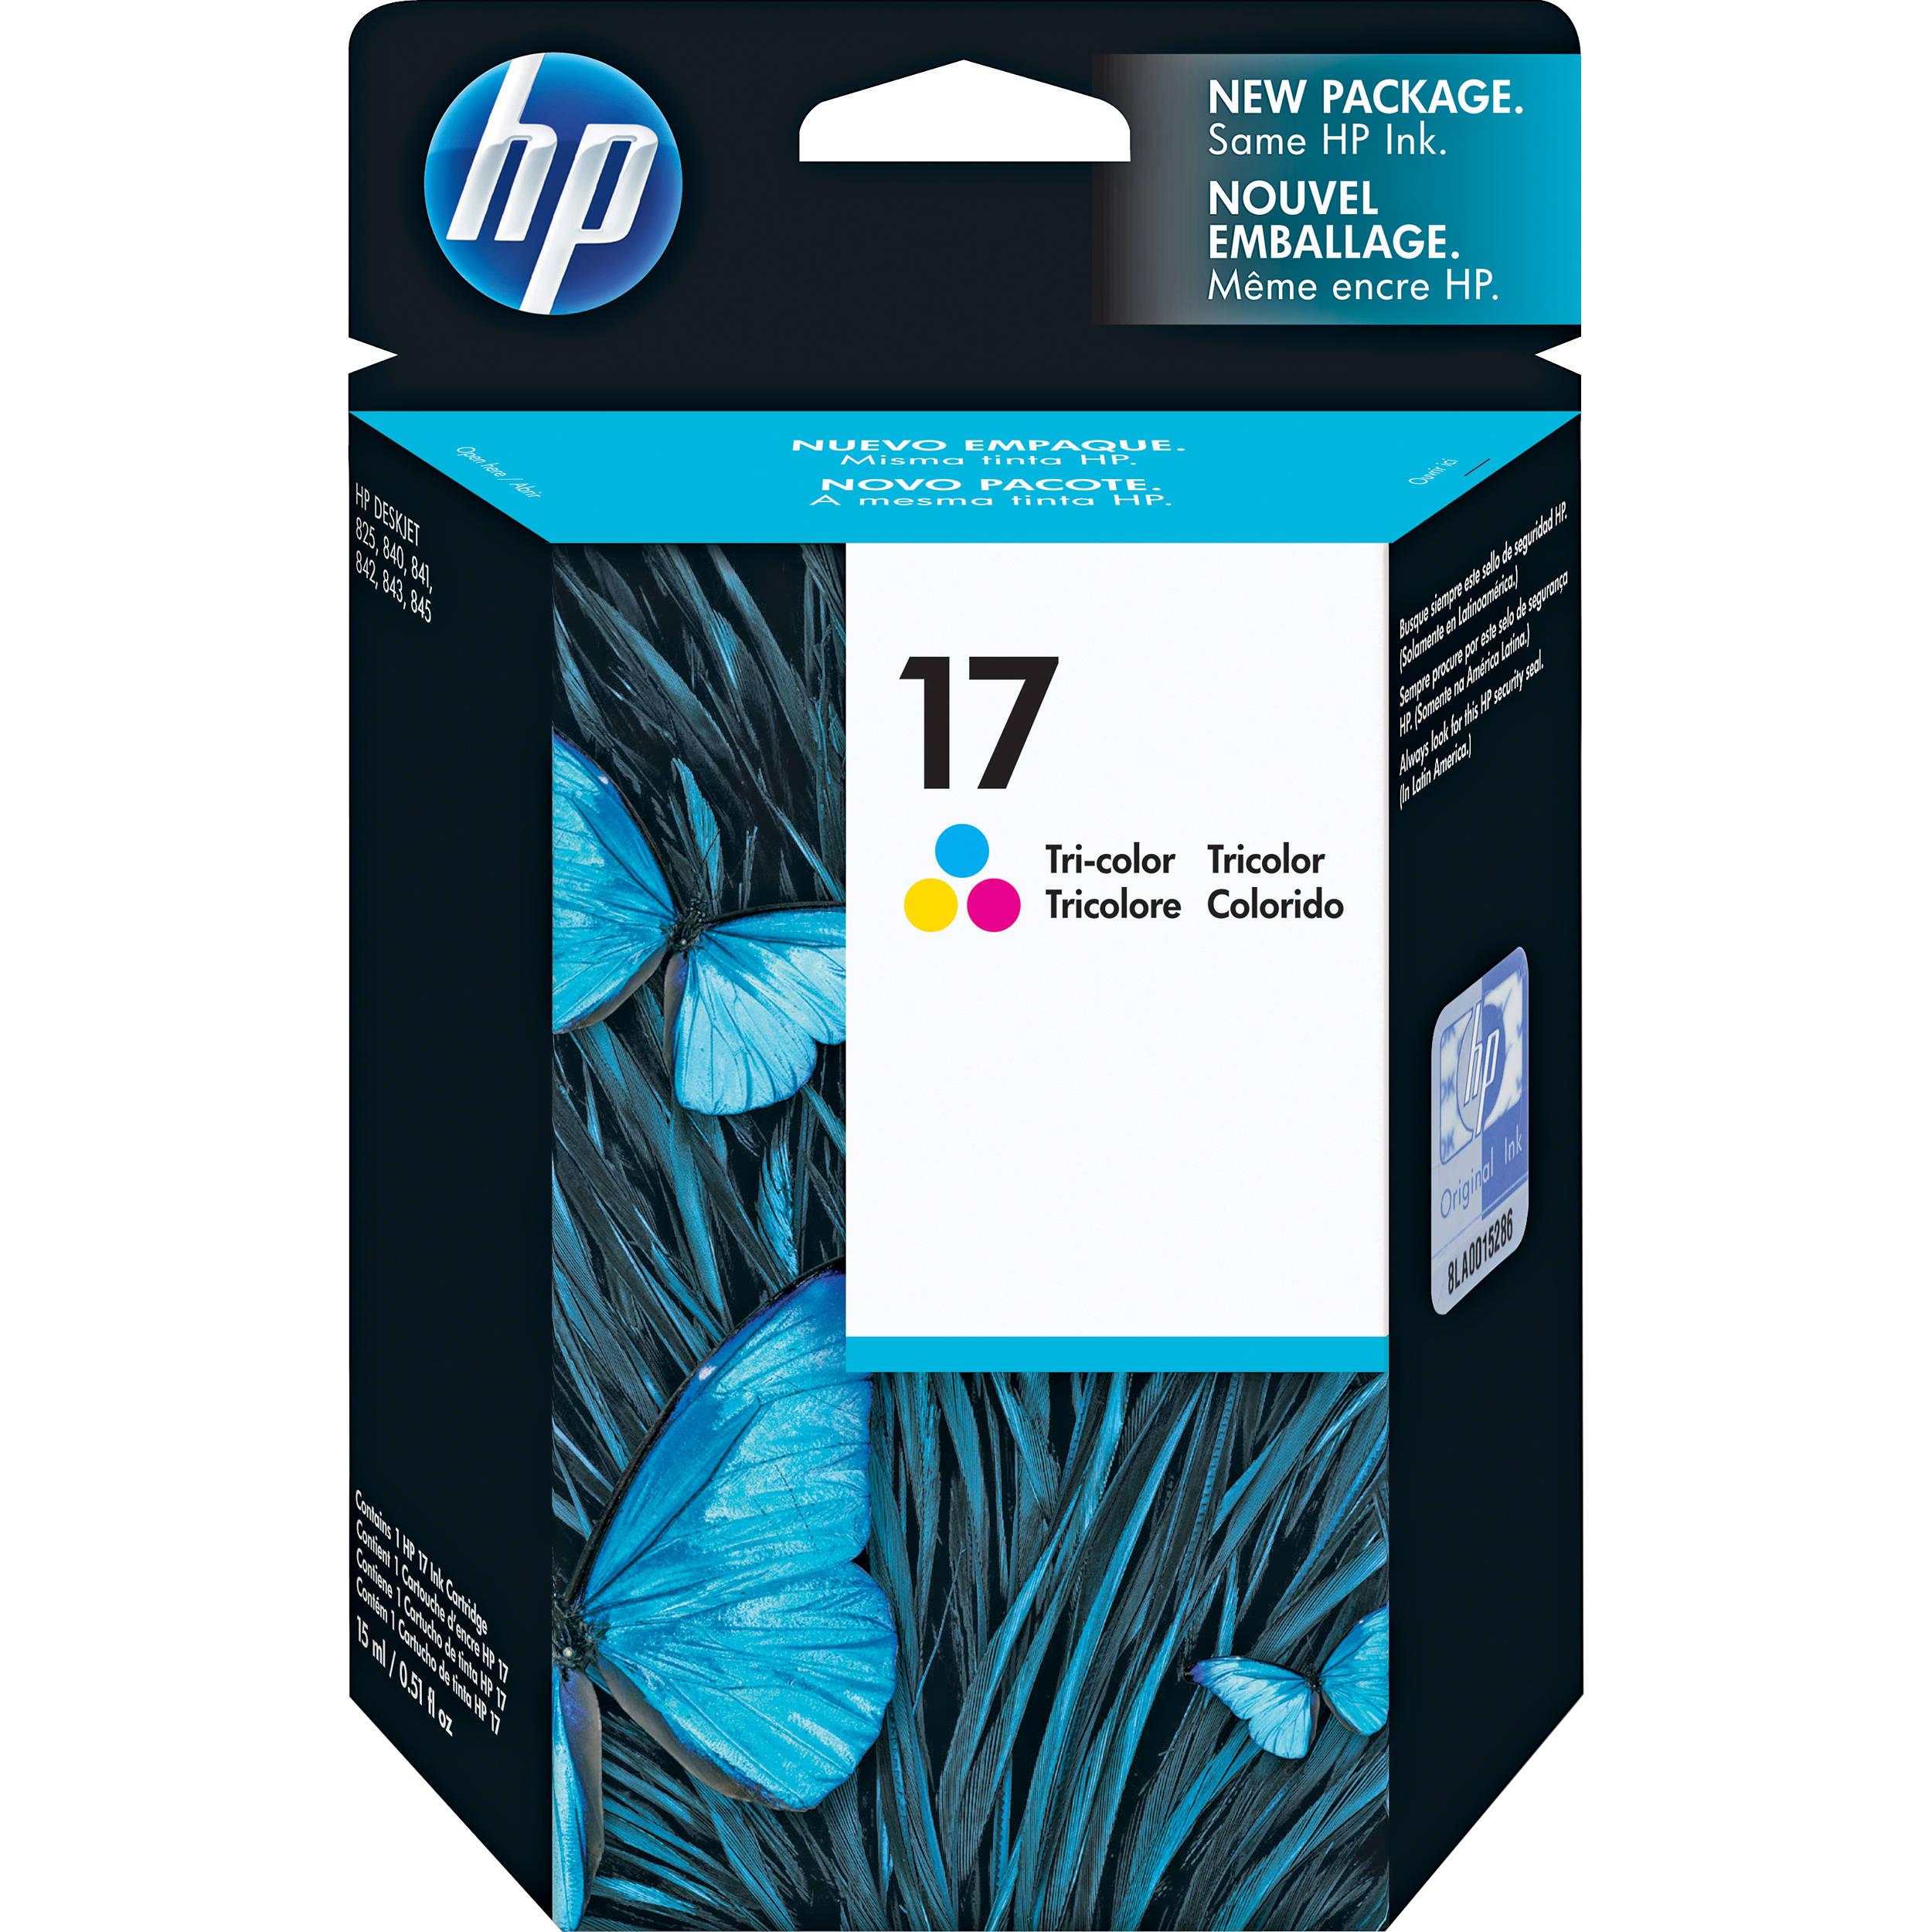 HP 17 Tri Color Inkjet Print Cartridge For Deskjet 840c 842c Printers